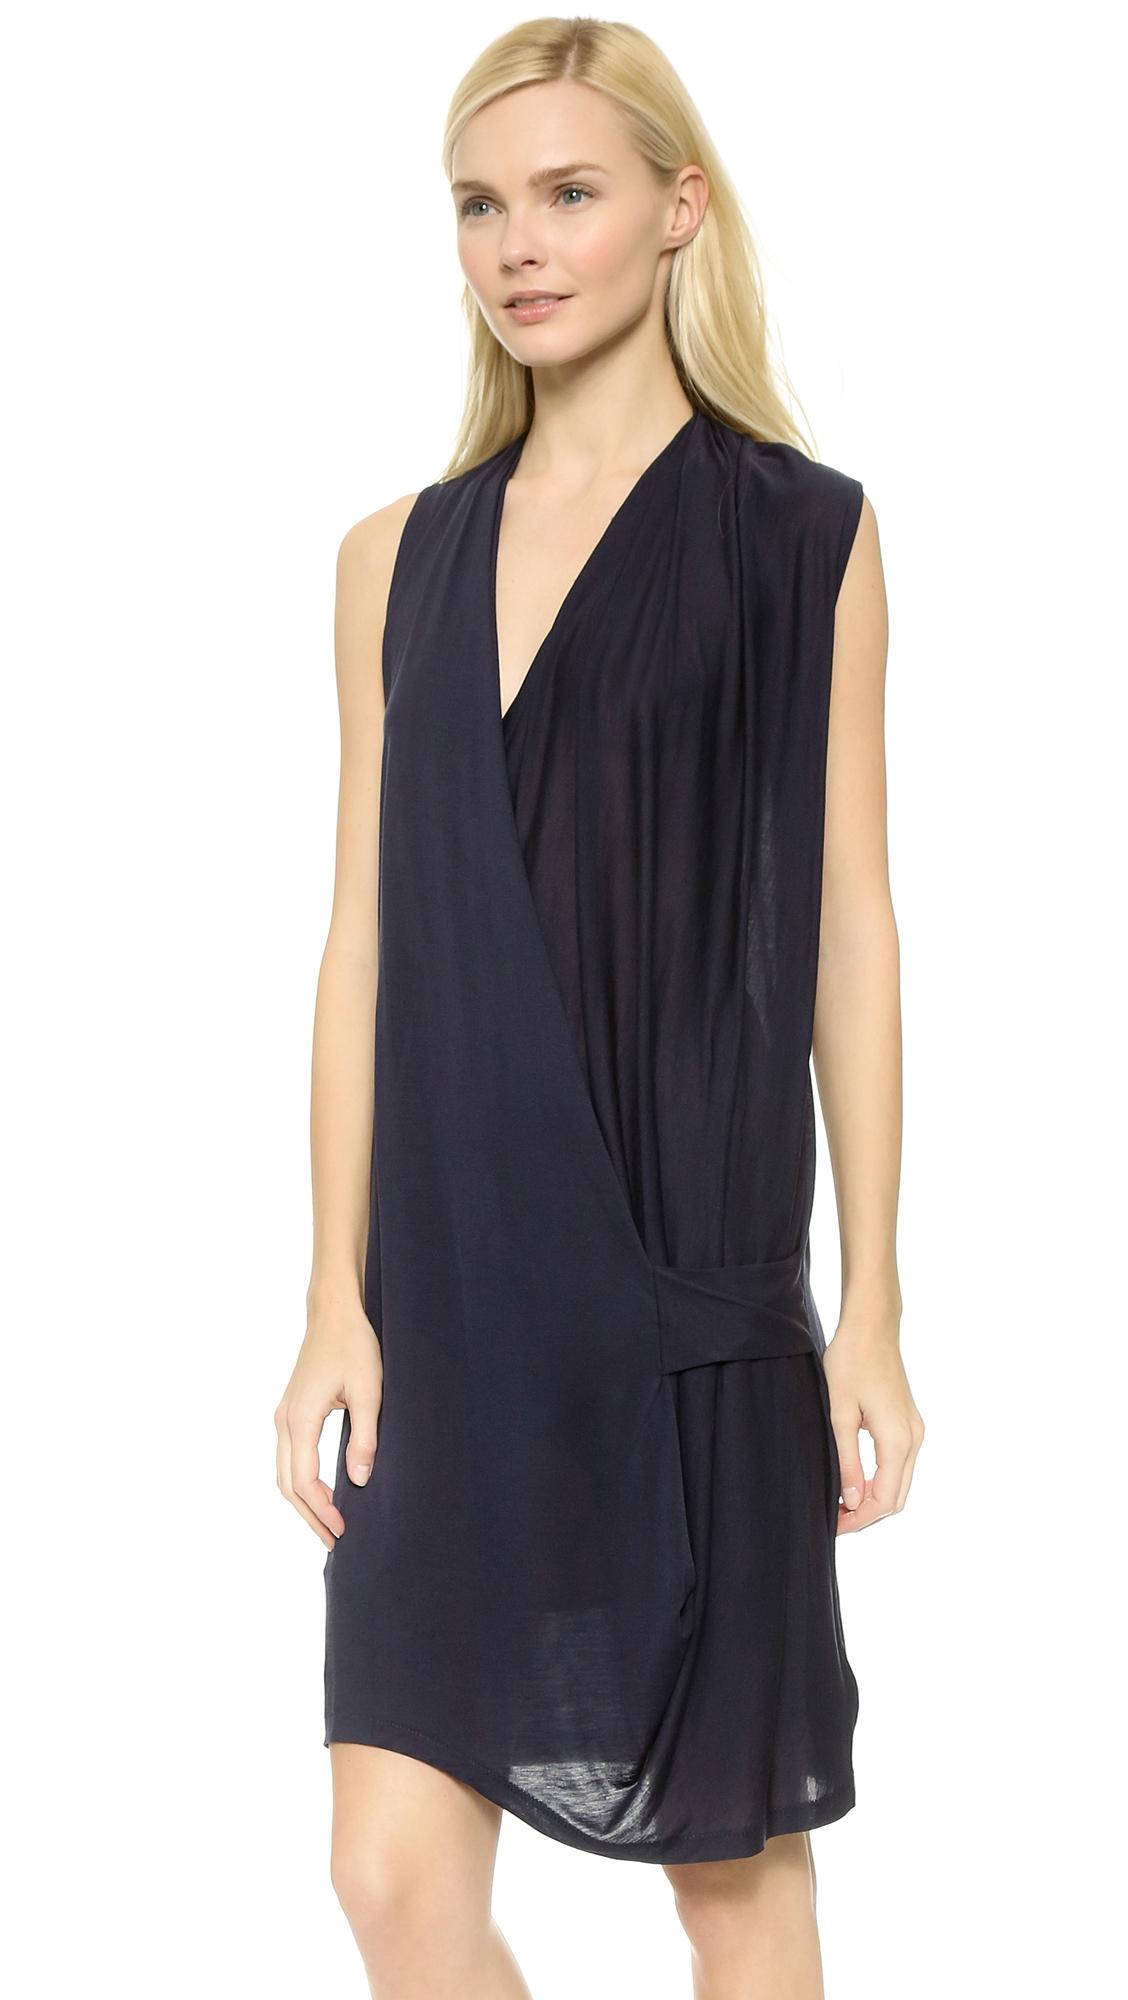 c132087772b Acne studios Natifa Tencel Draped Dress - Dark Navy in .